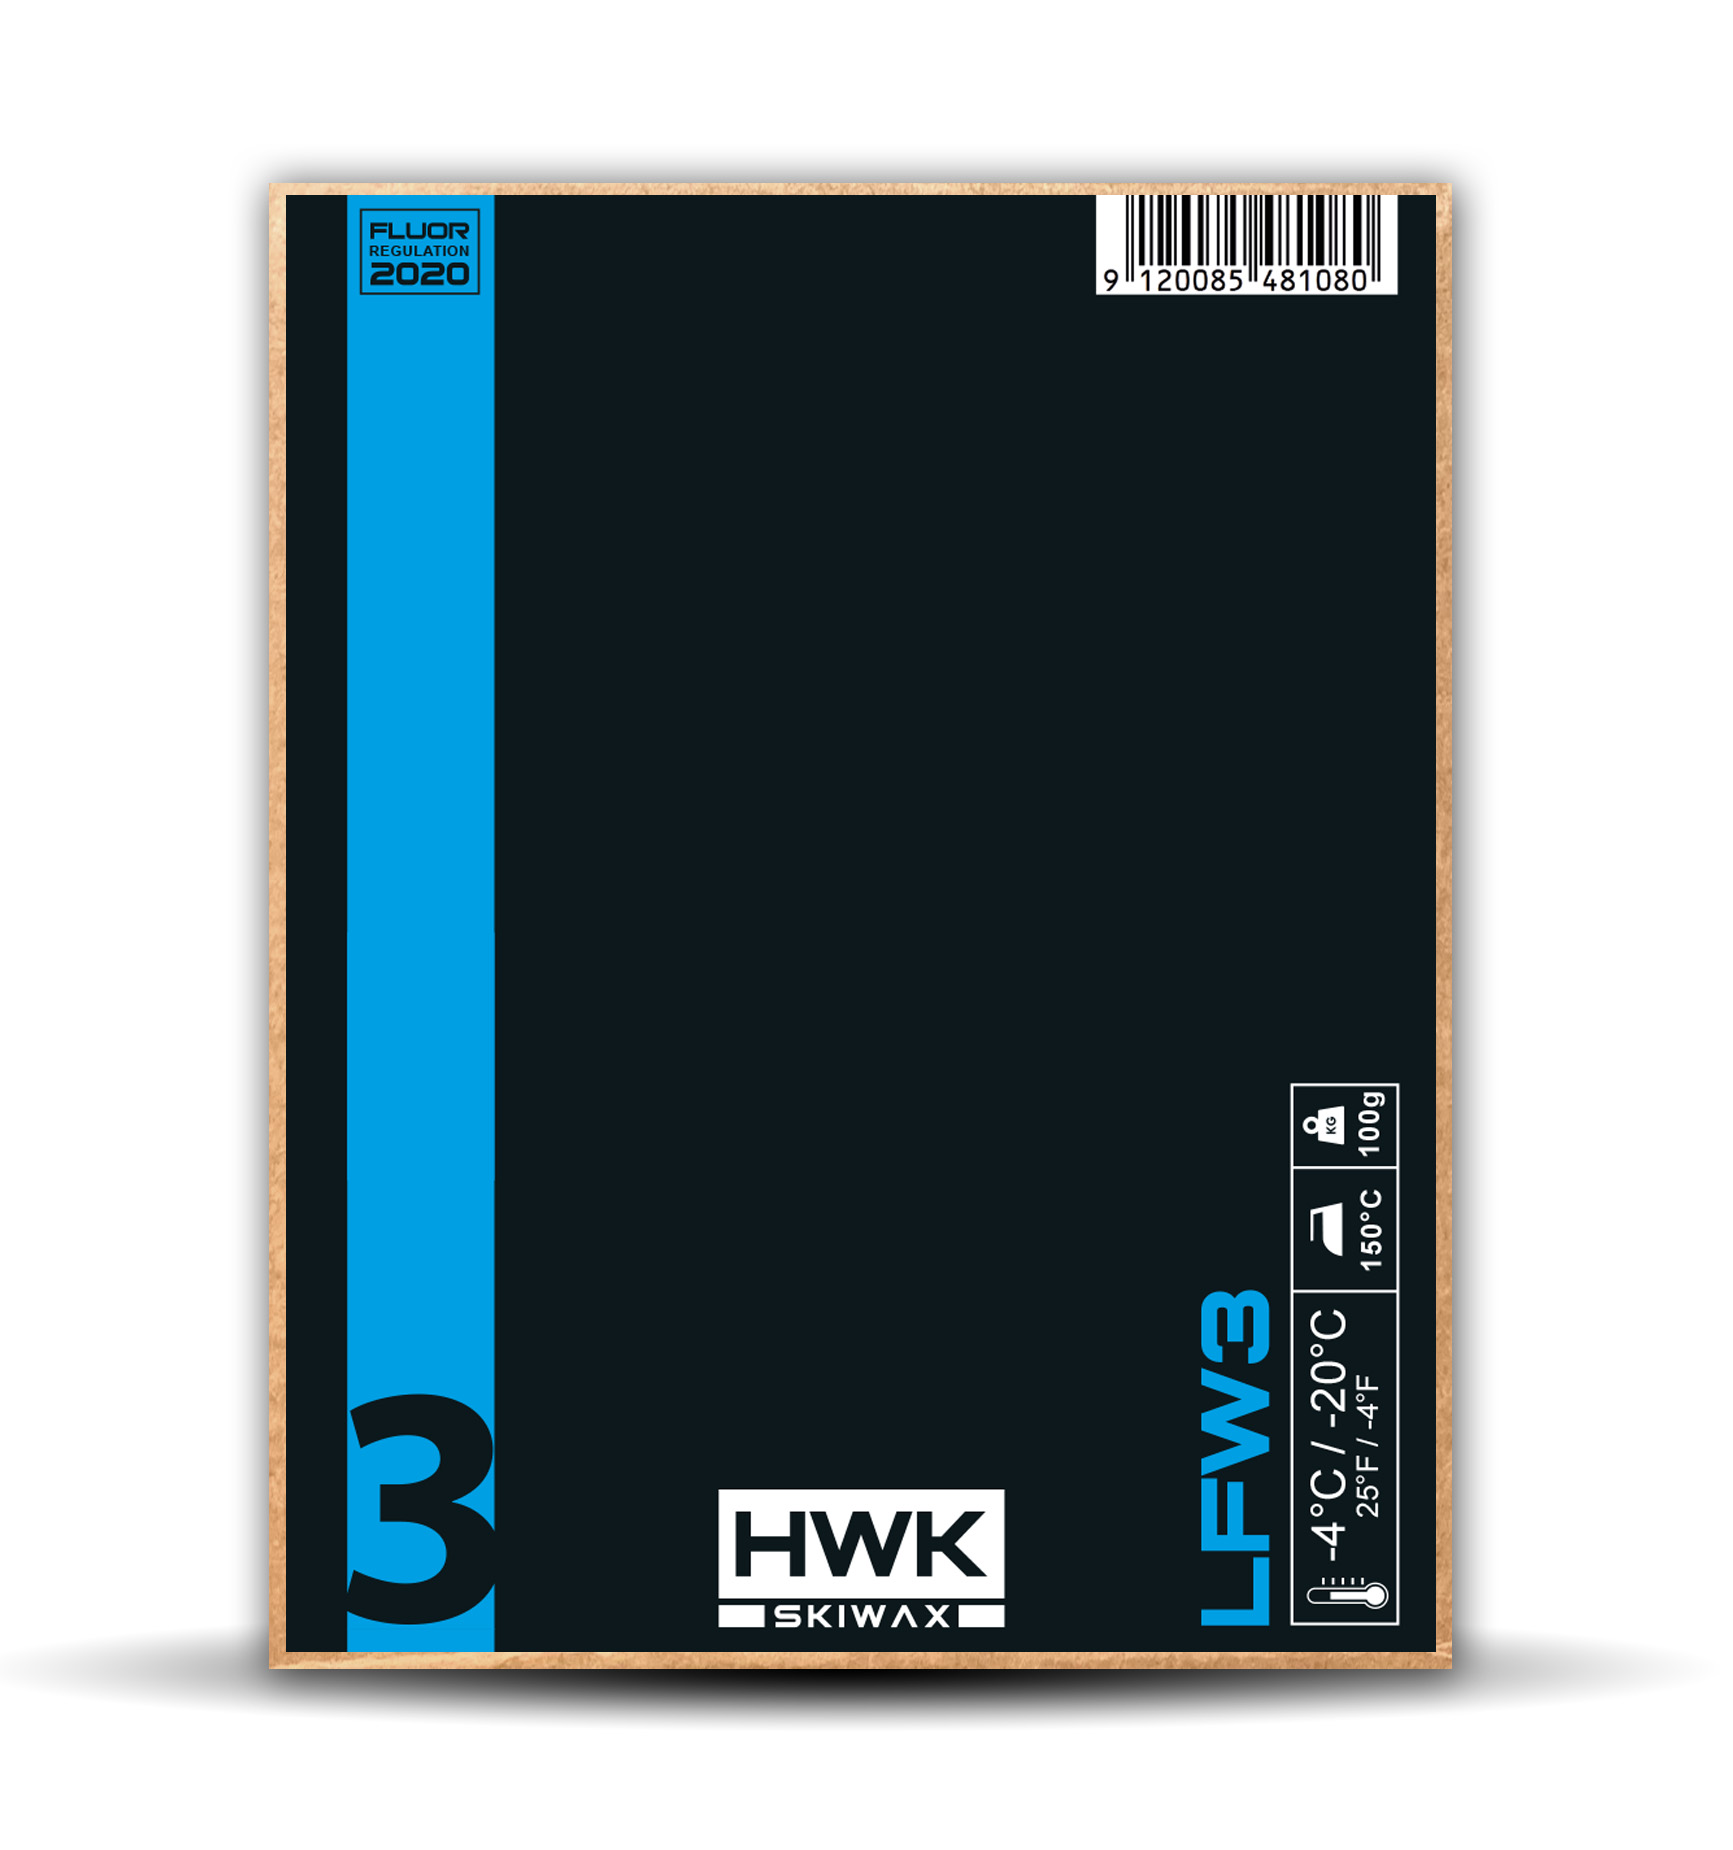 HWK LFW3 (P1)